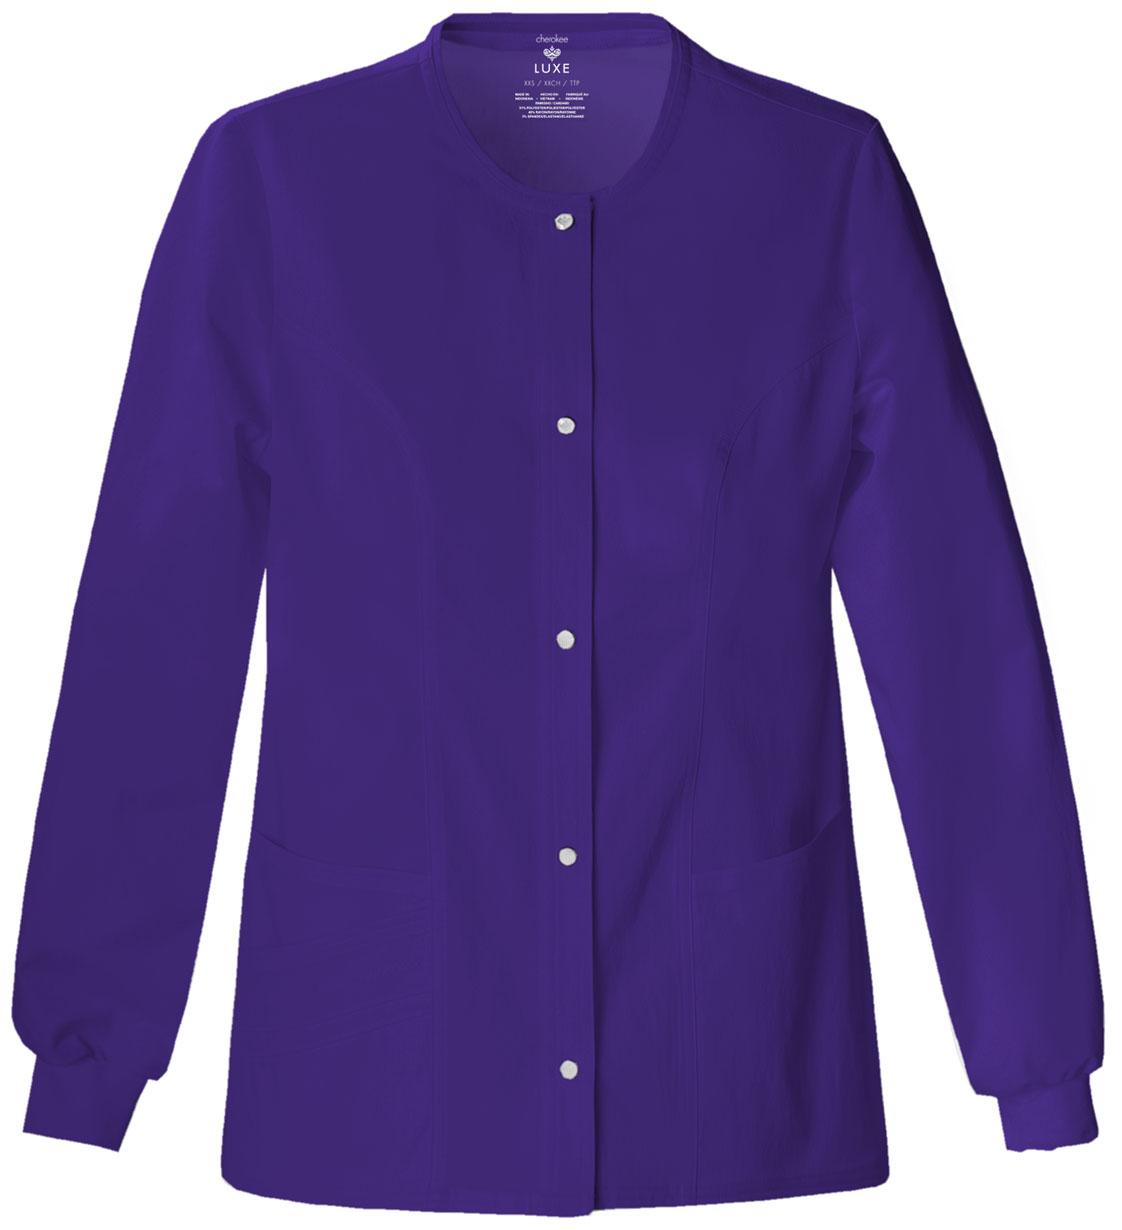 Cherokee Facial Features >> Warm-Up Jacket | Avida Healthwear Inc.